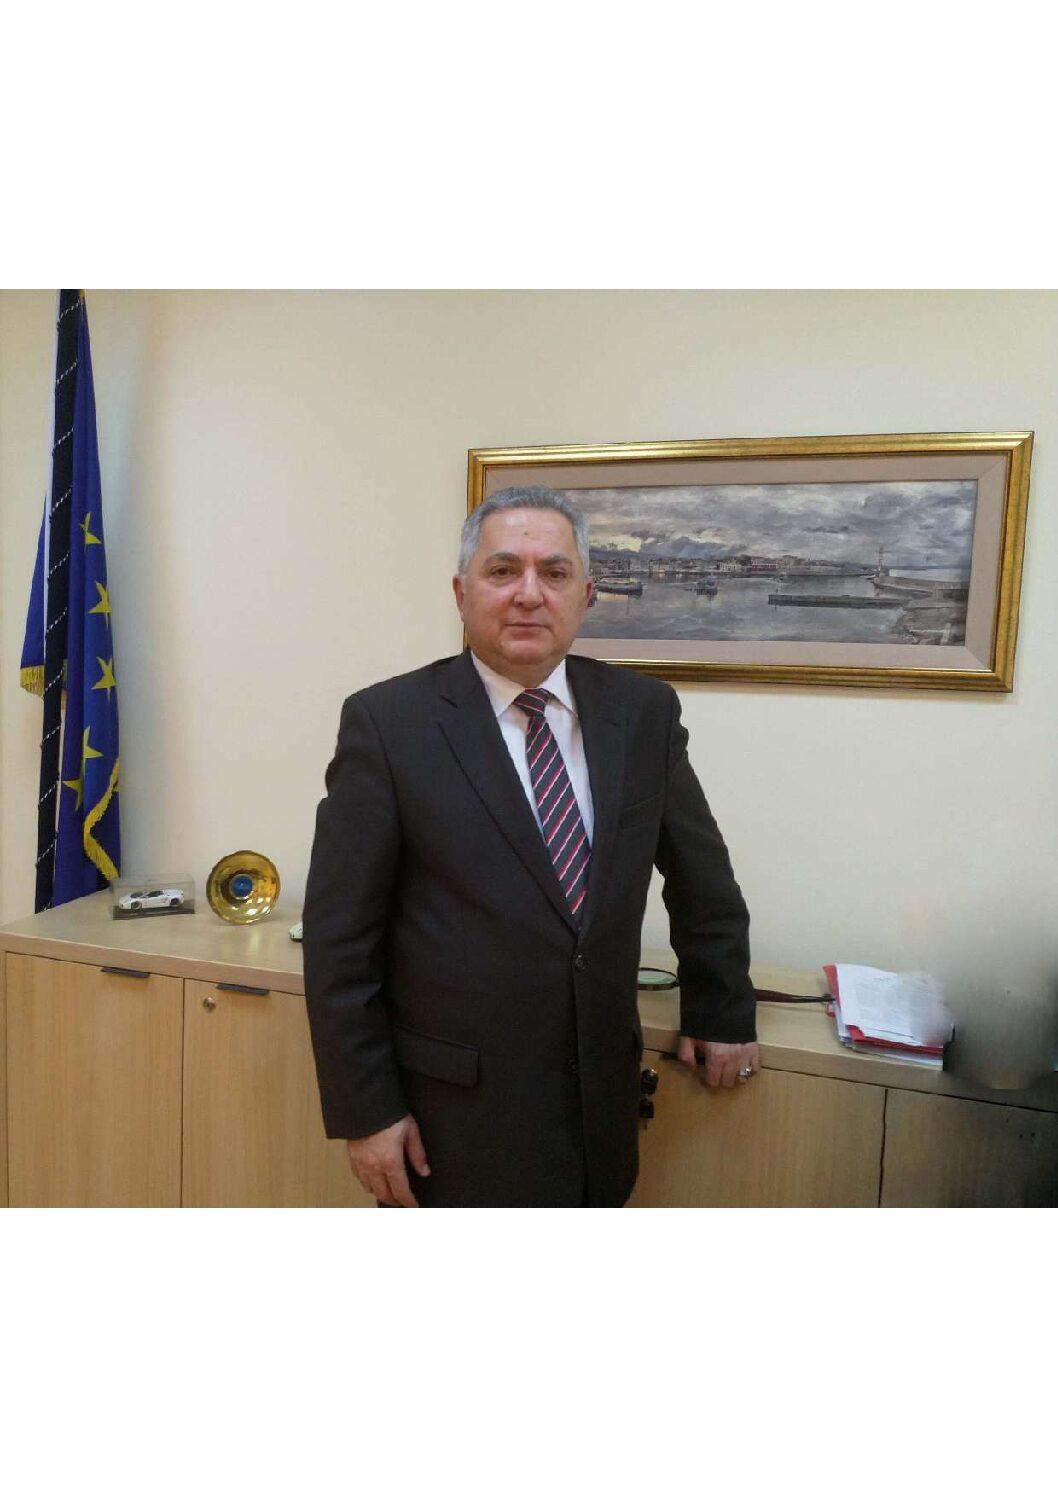 Ο οικονομολόγος Αθανάσιος Τορουνίδης αναλαμβάνει προσωρινά πρόεδρος της Ρυθμιστικής Αρχής Λιμένων